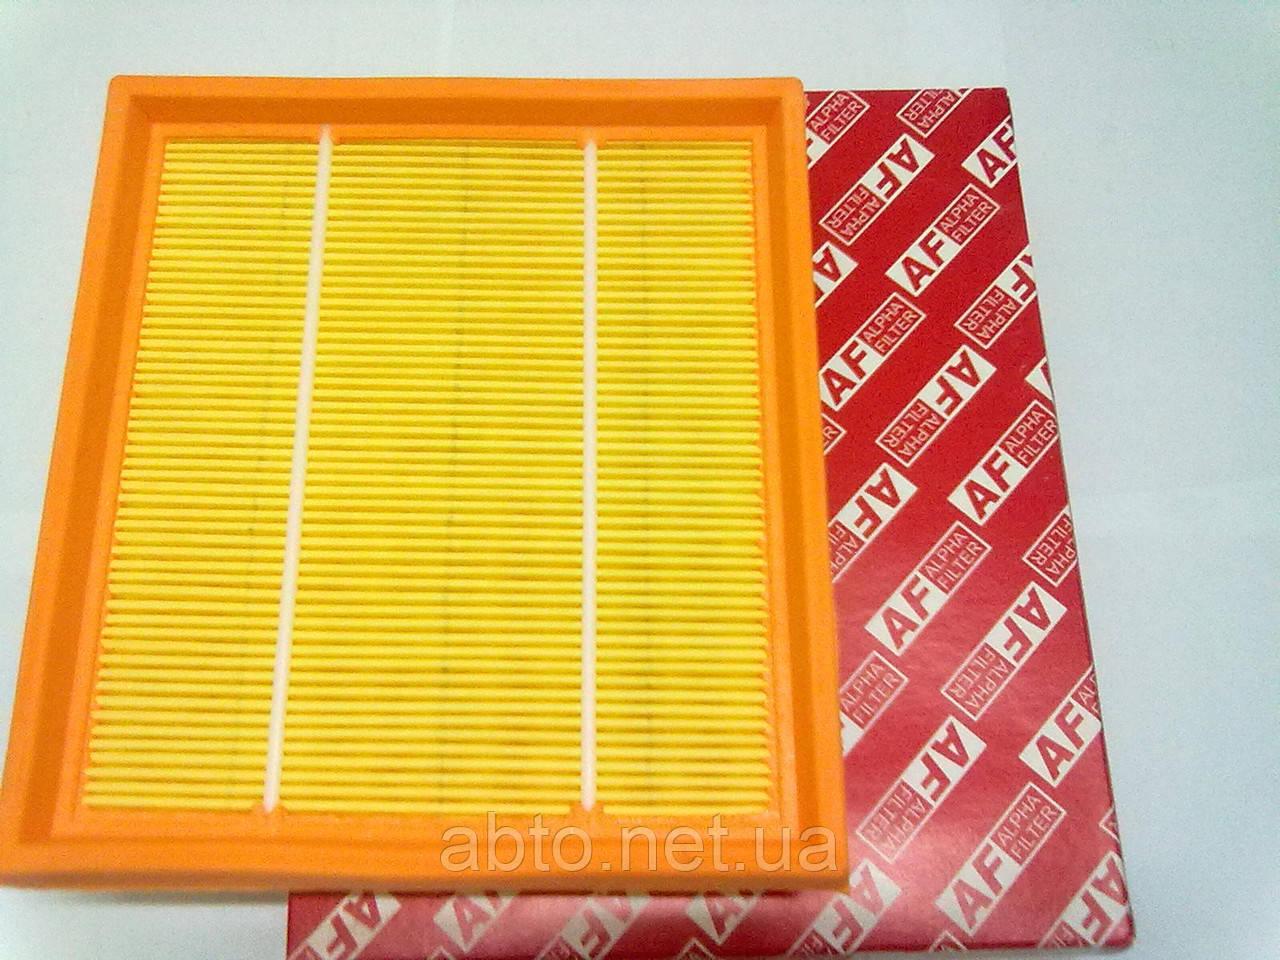 Фильтр воздушный Chery Kimo (Чери Кимо), S12-1109111 - Интернет-магазин www.ABTO.net.ua  в Днепре